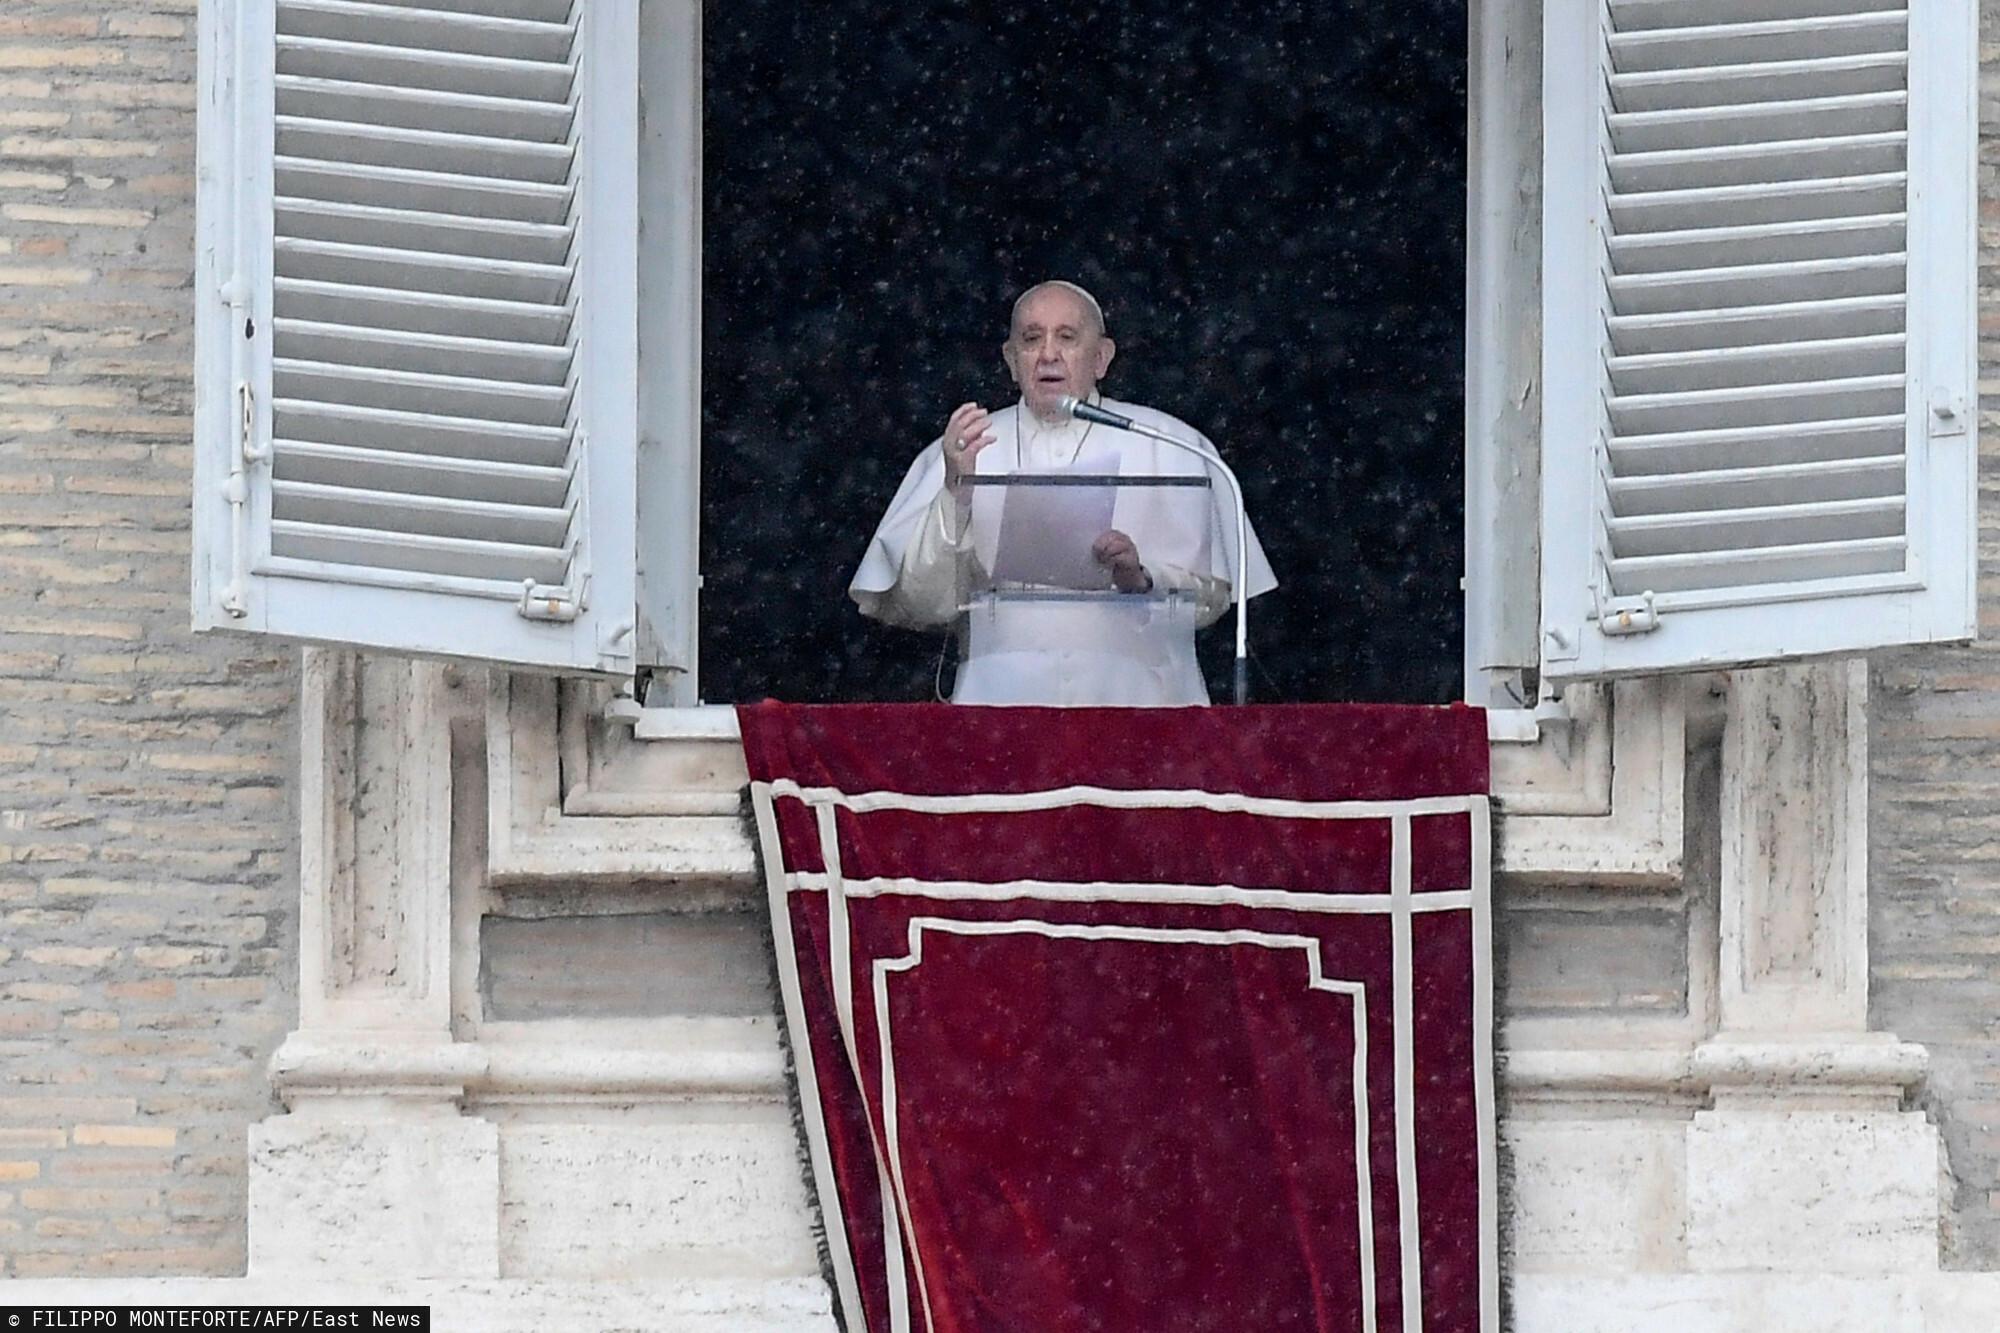 Papież Franciszek zaapelował o zatroszczenie się o los niepełnoletnich migrantów pozbawionych opieki.